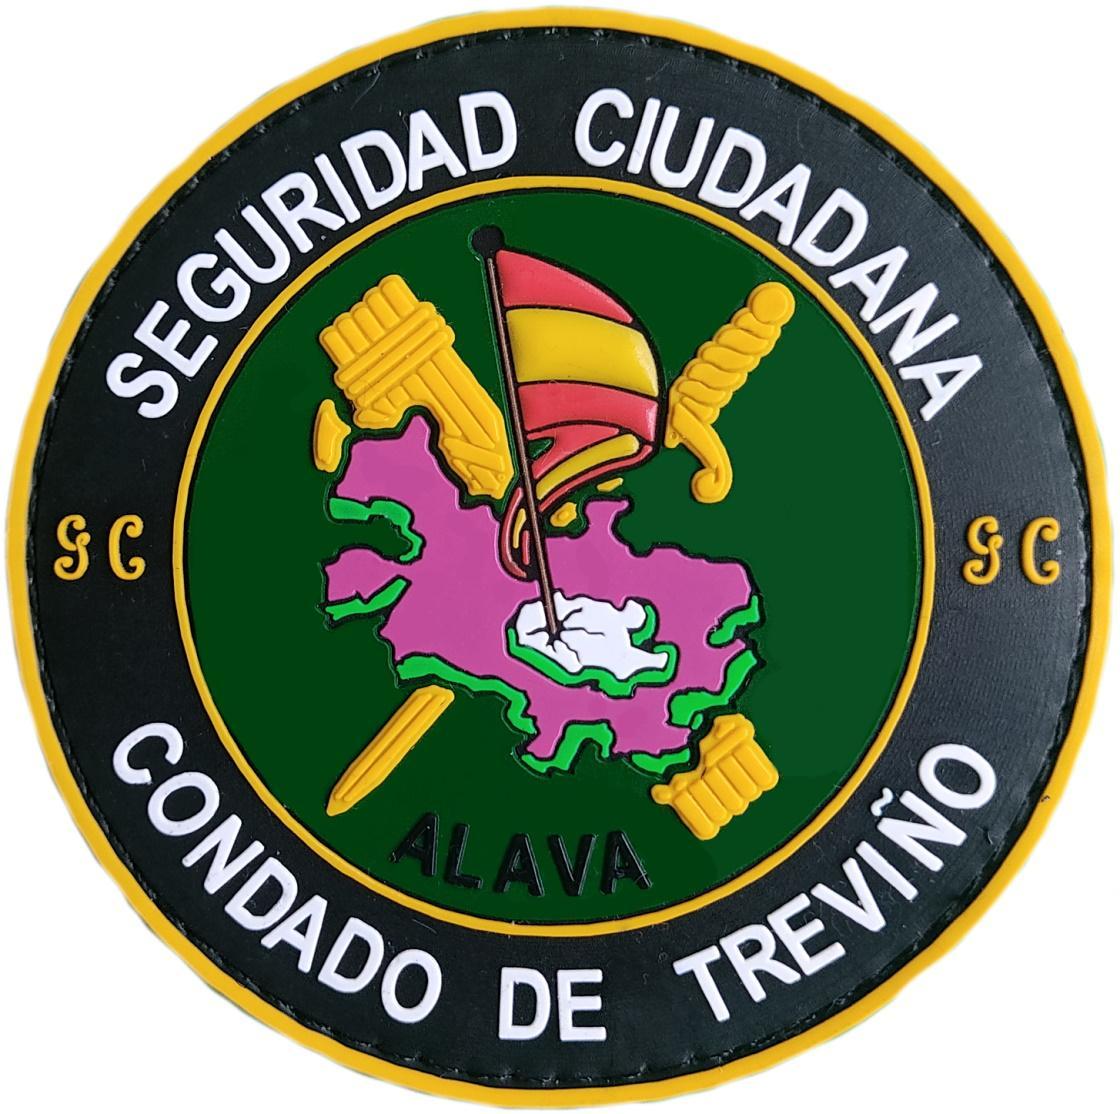 Guardia Civil Condado de Treviño Seguridad Ciudadana parche insignia emblema distintivo